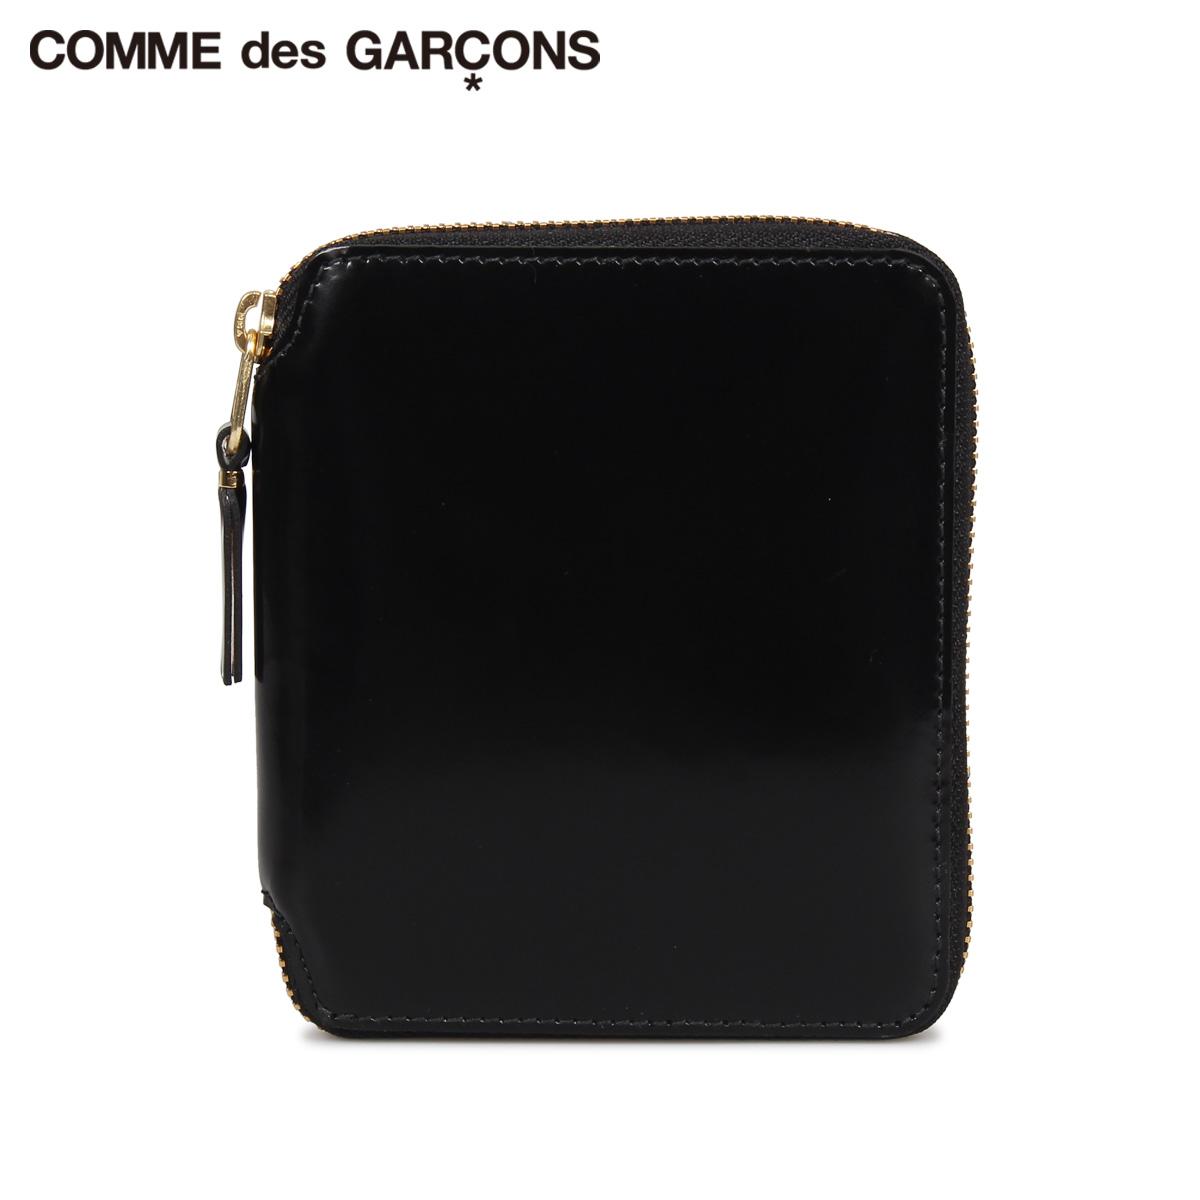 COMME des GARCONS コムデギャルソン 財布 二つ折り メンズ レディース ラウンドファスナー 本革 MILLOR INSIDE WALLET ブラック 黒 SA2100MI